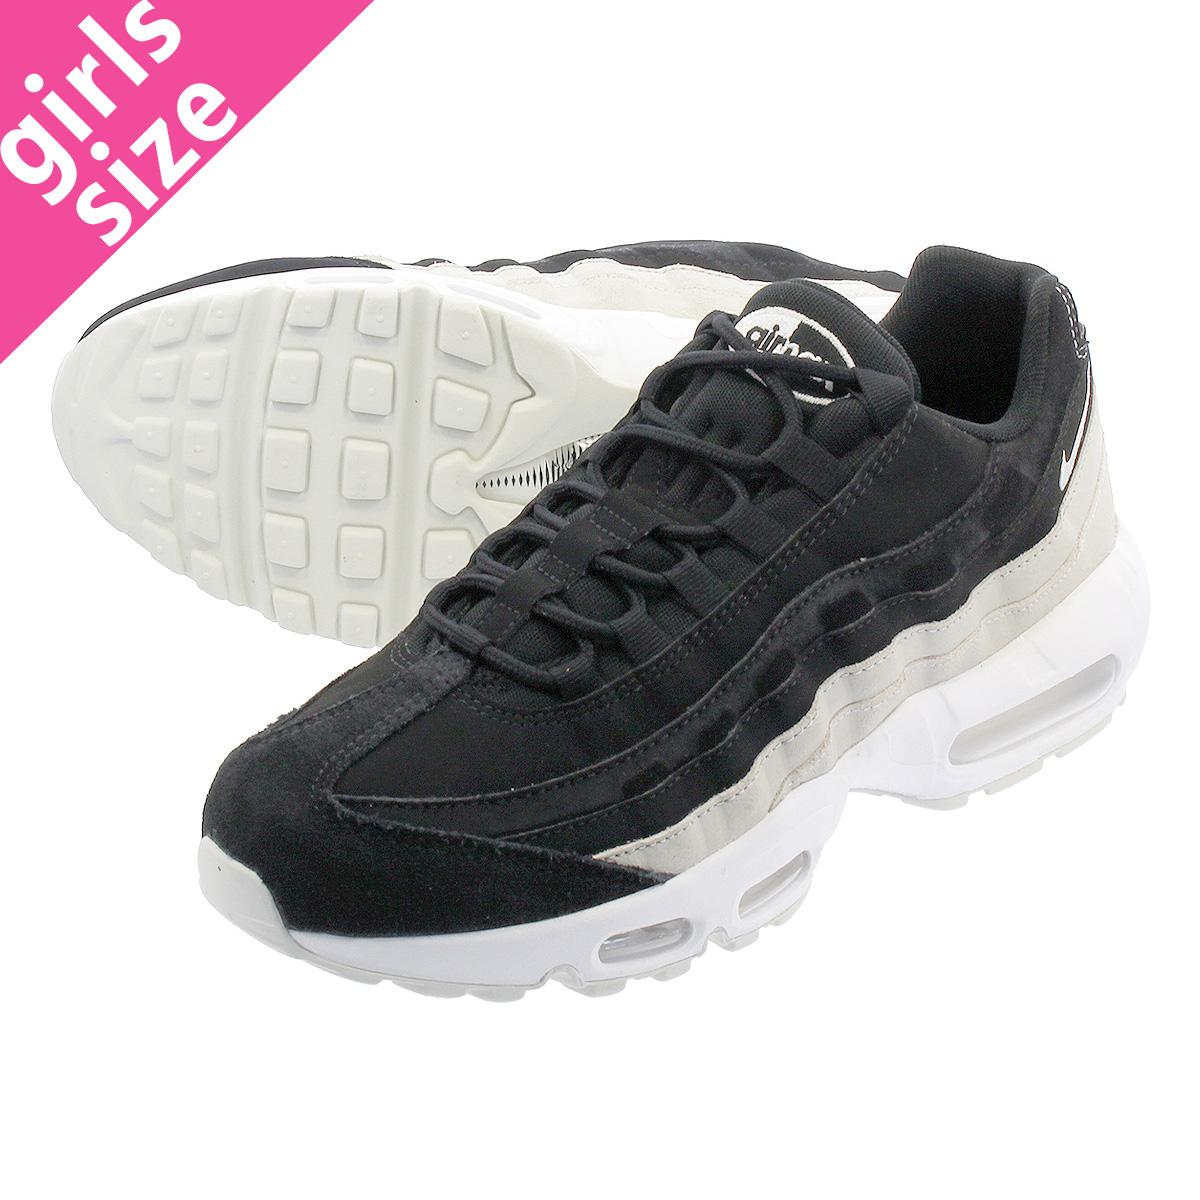 6a76bc39d8 LOWTEX PLUS: NIKE WMNS AIR MAX 95 PRM Nike women Air Max 95 premium  BLACK/SPRUCE AURA/SUMMIT WHITE 807,443-017 | Rakuten Global Market